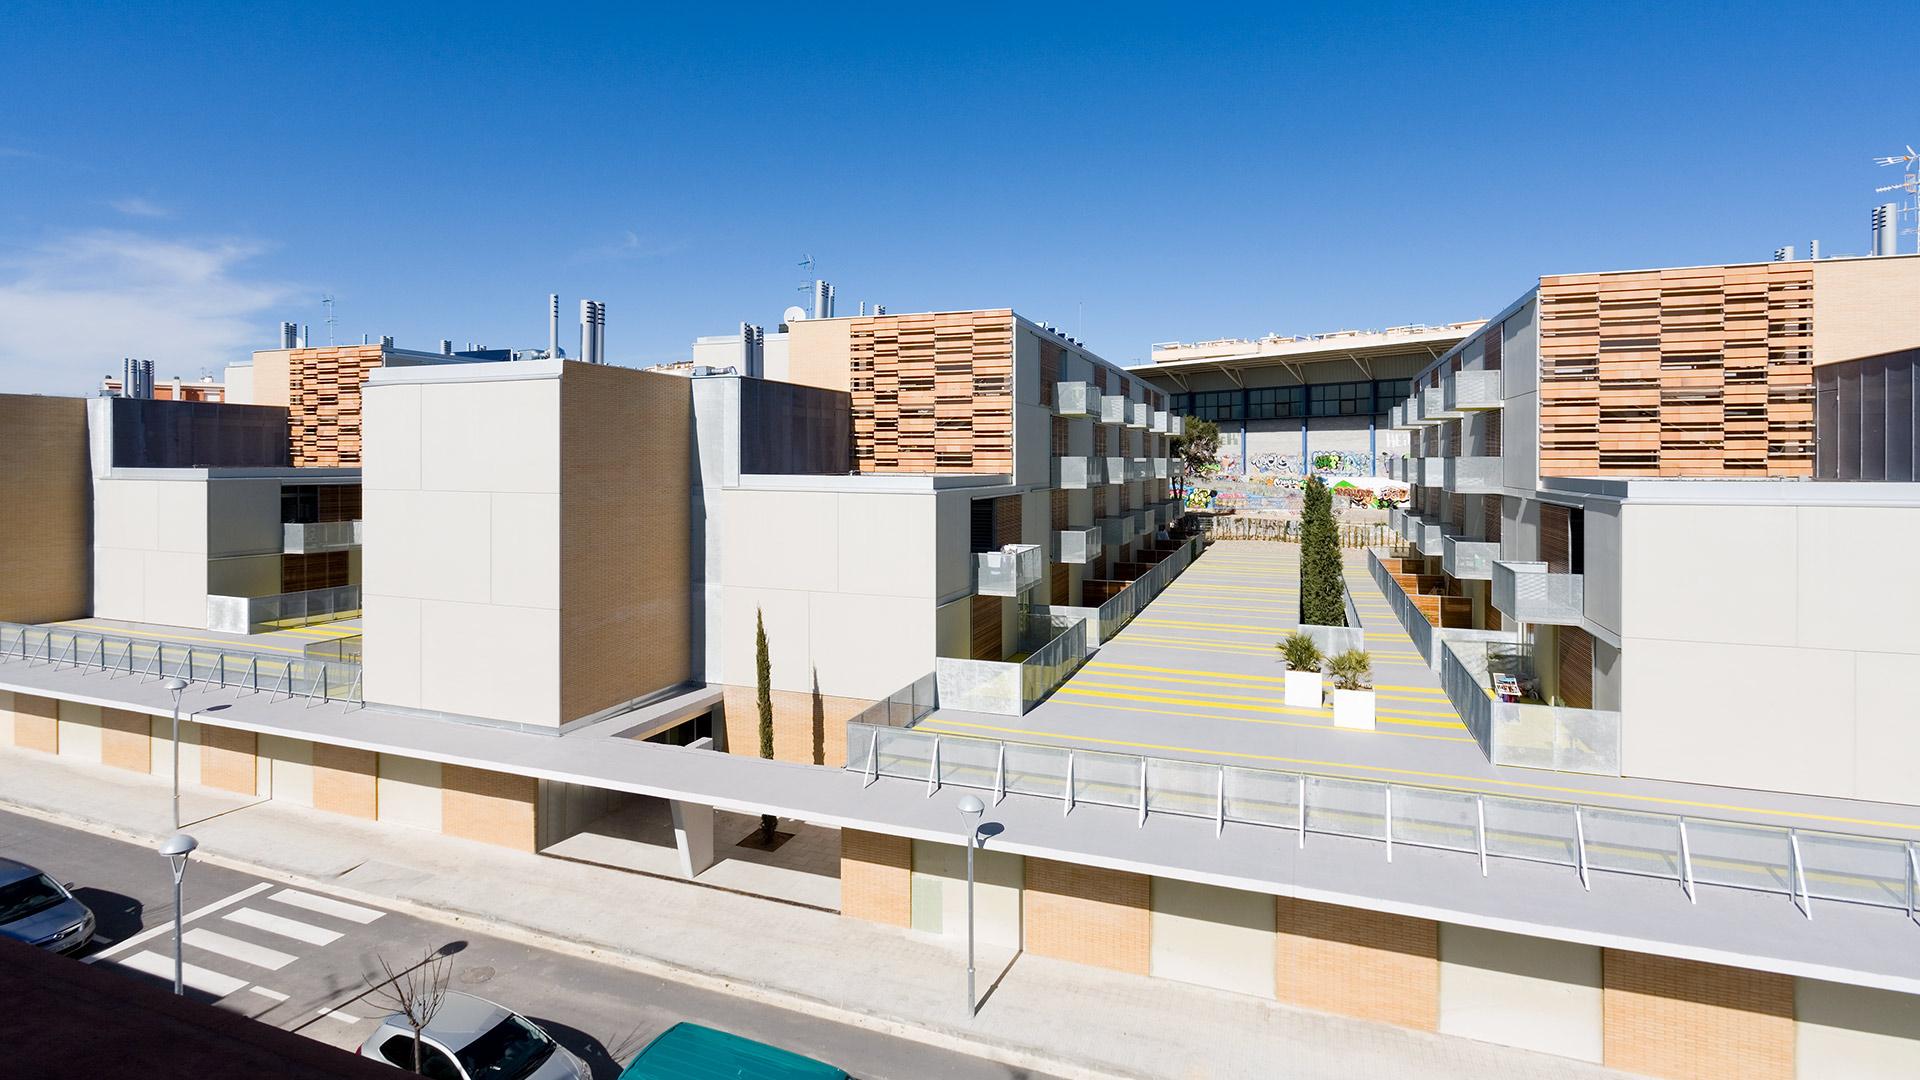 Bloque Viviendas en Sitges Picharchitects arquitectura sostenible